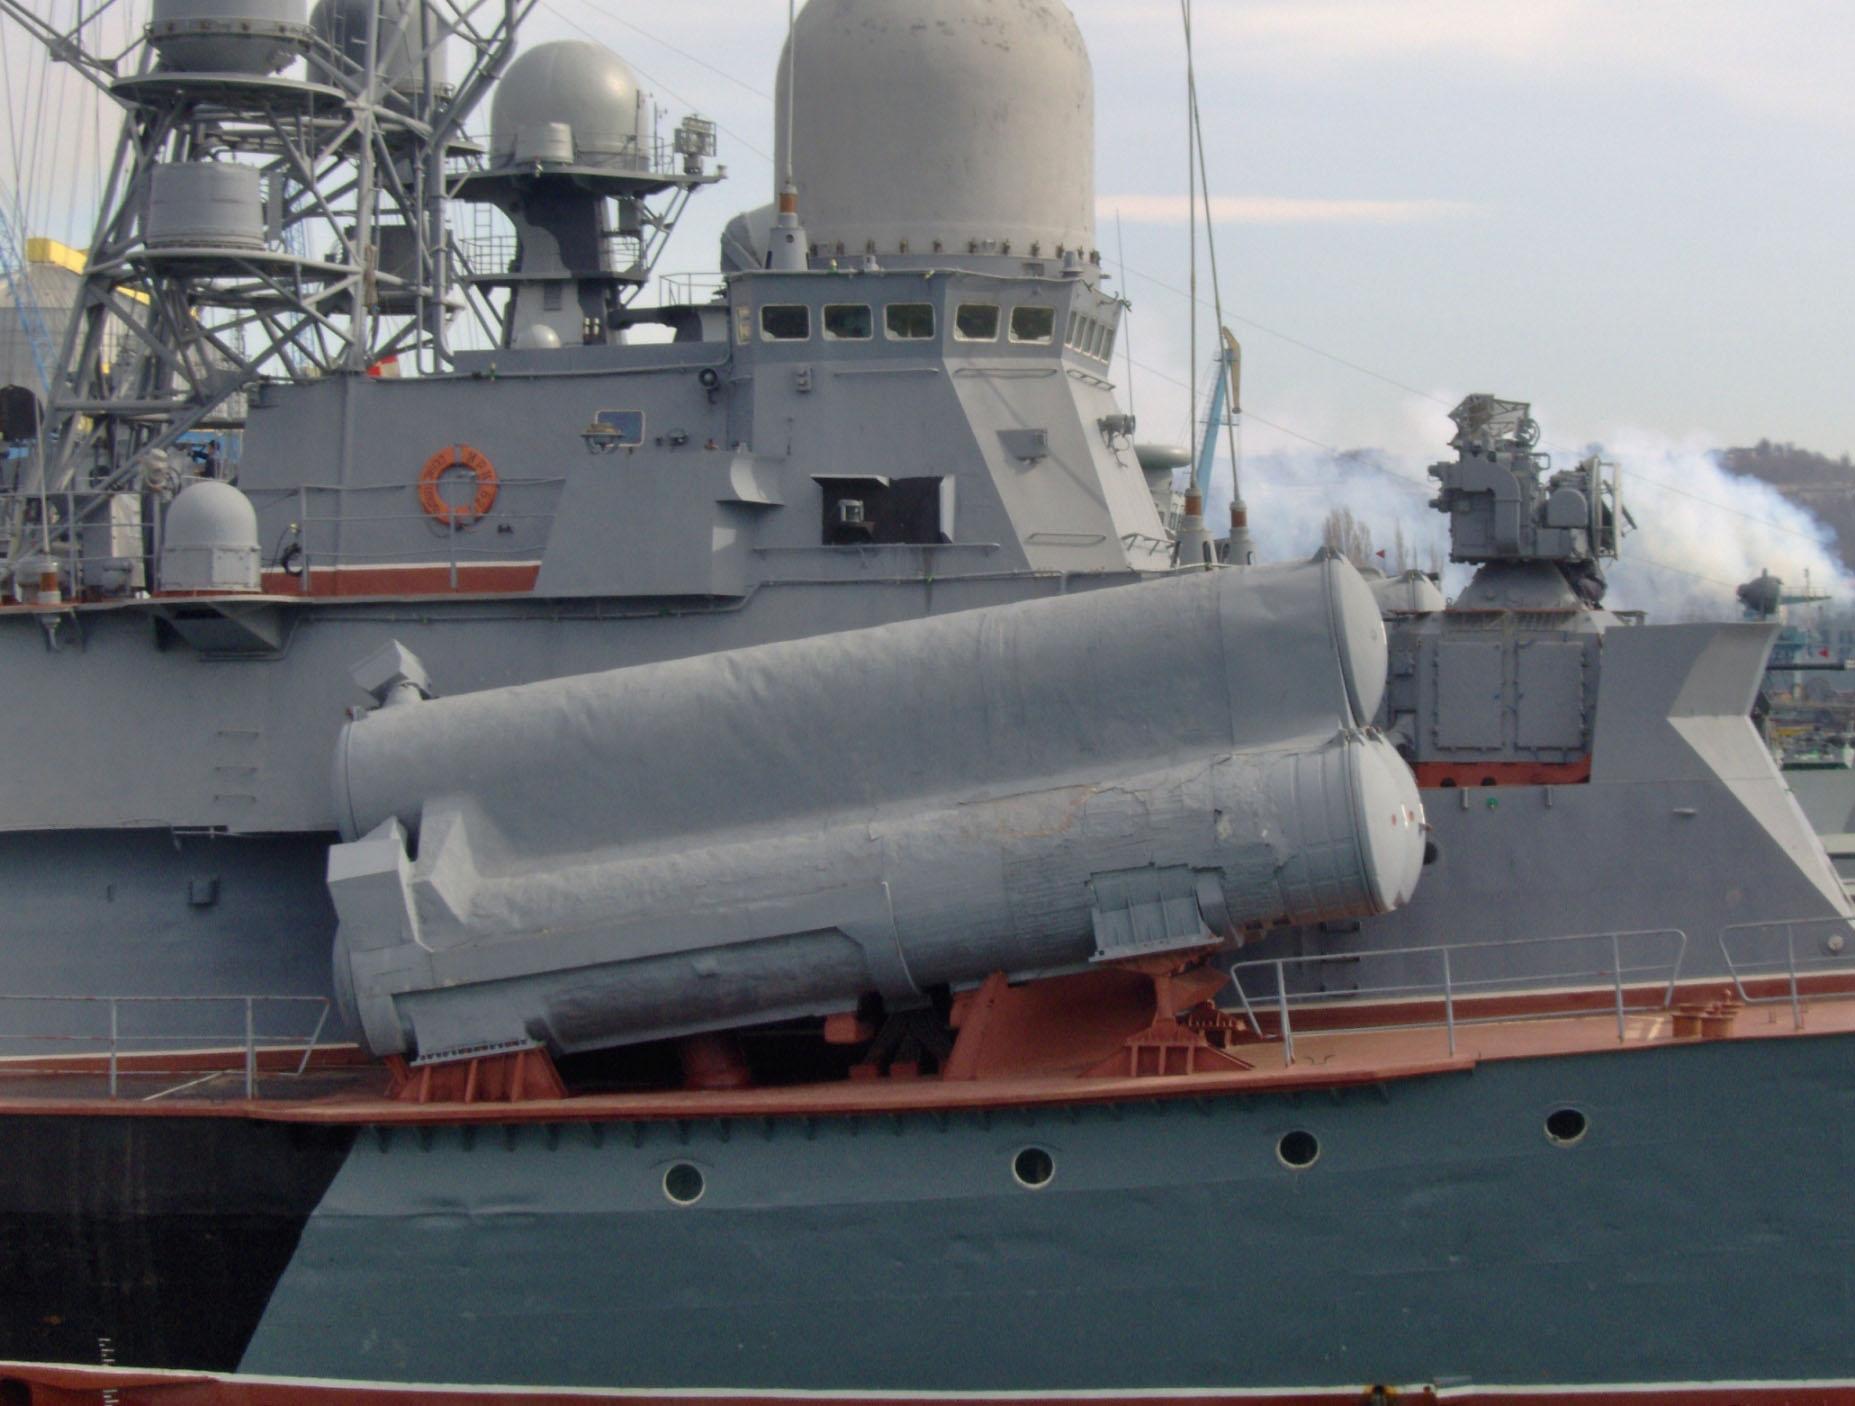 Идти по электронному следу: корабли «Овод» скоро смогут скрыто обнаруживать цели